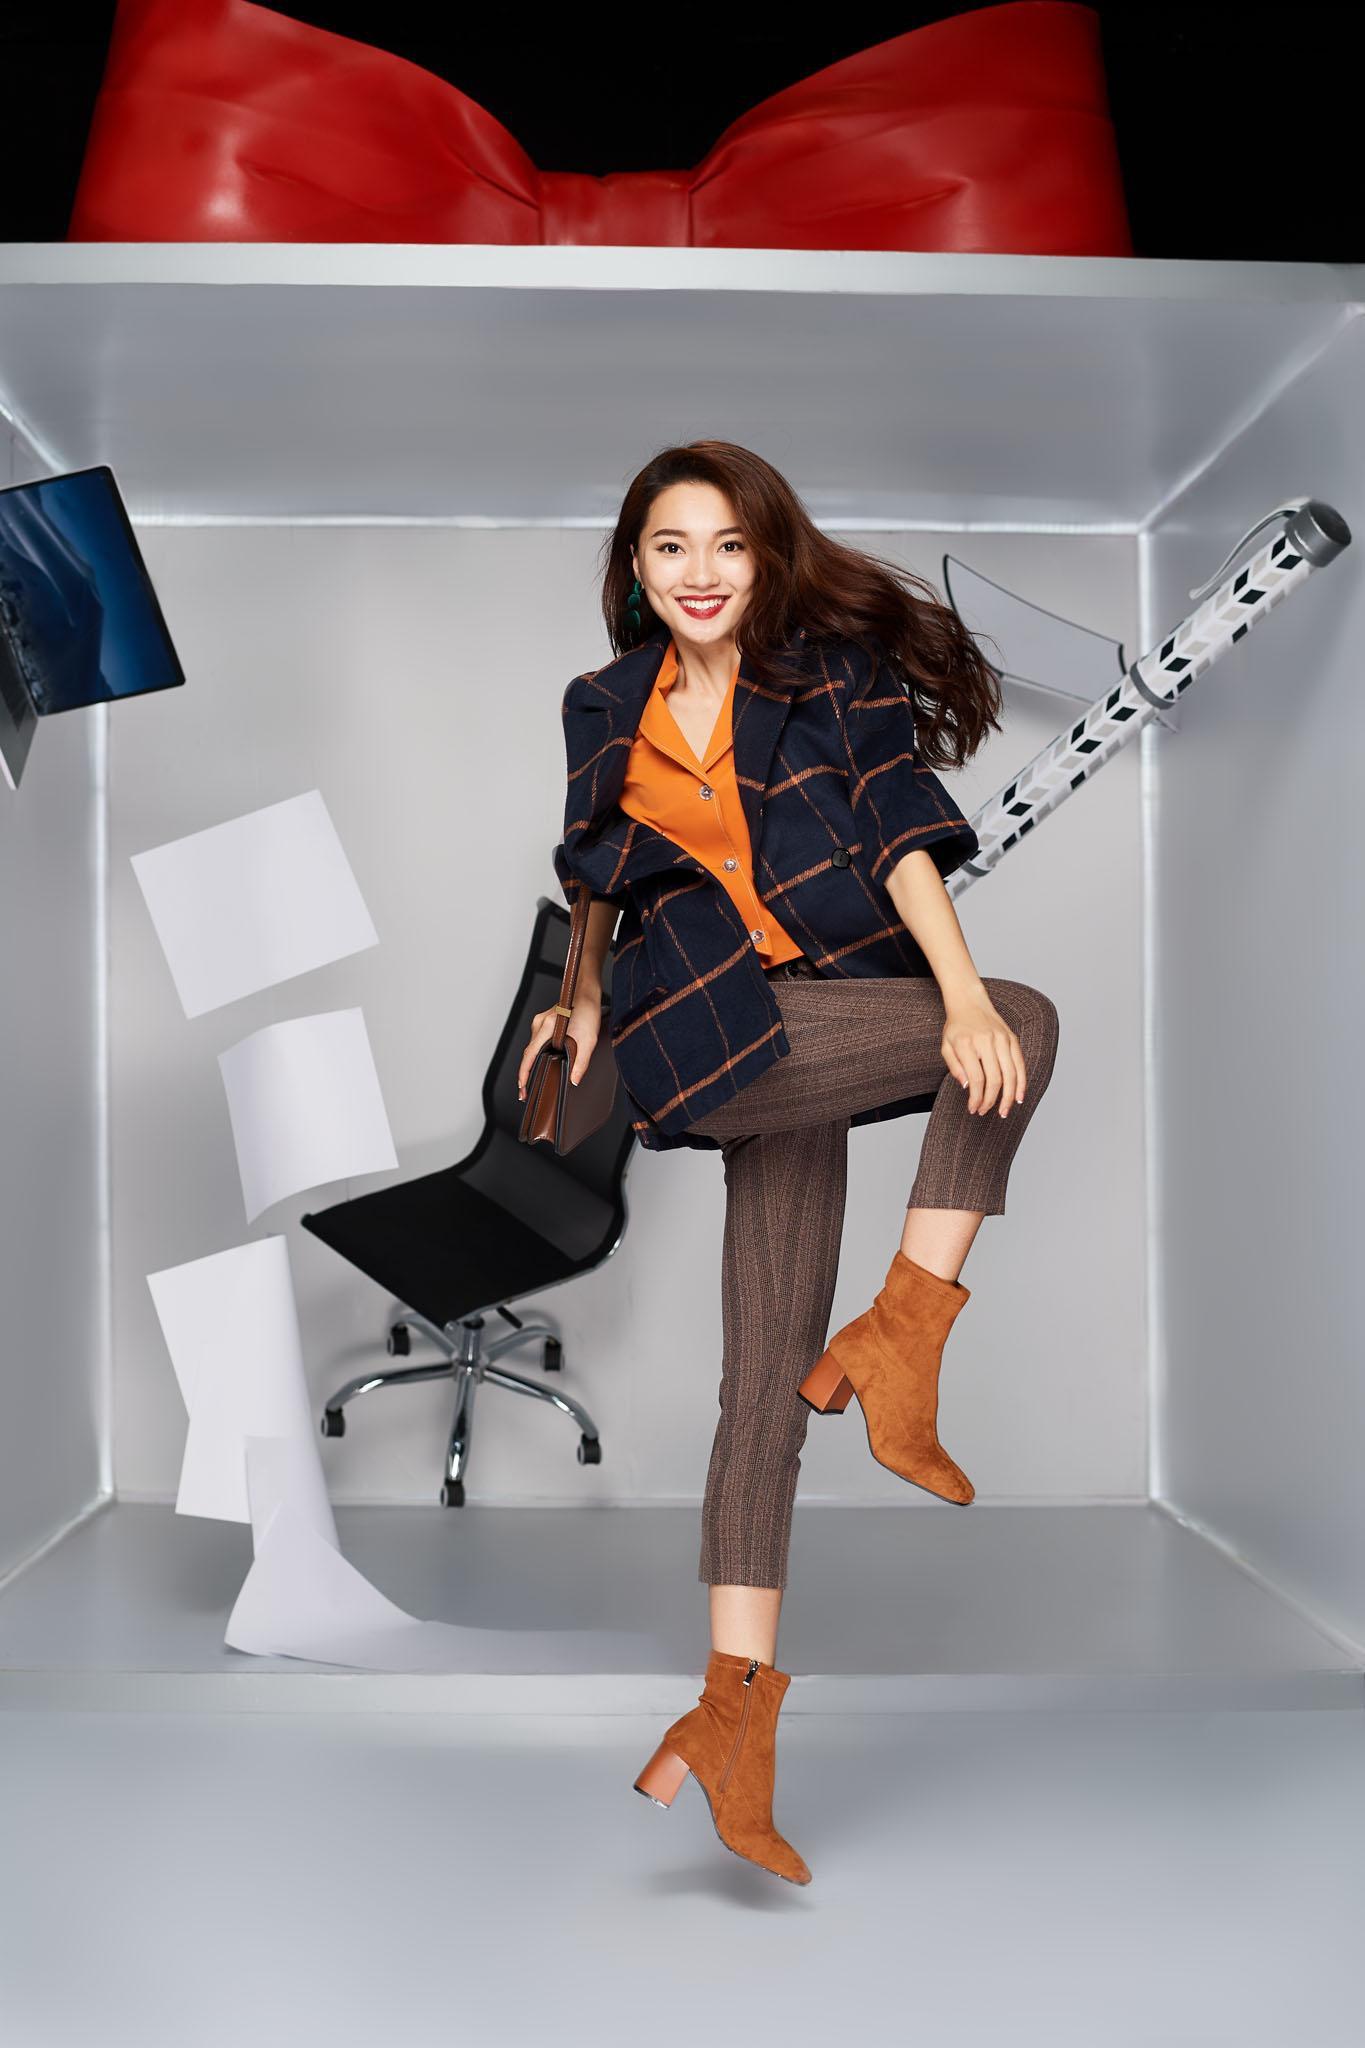 Làn gió mới cho thời trang công sở với những chuyển động cá tính - Ảnh 6.